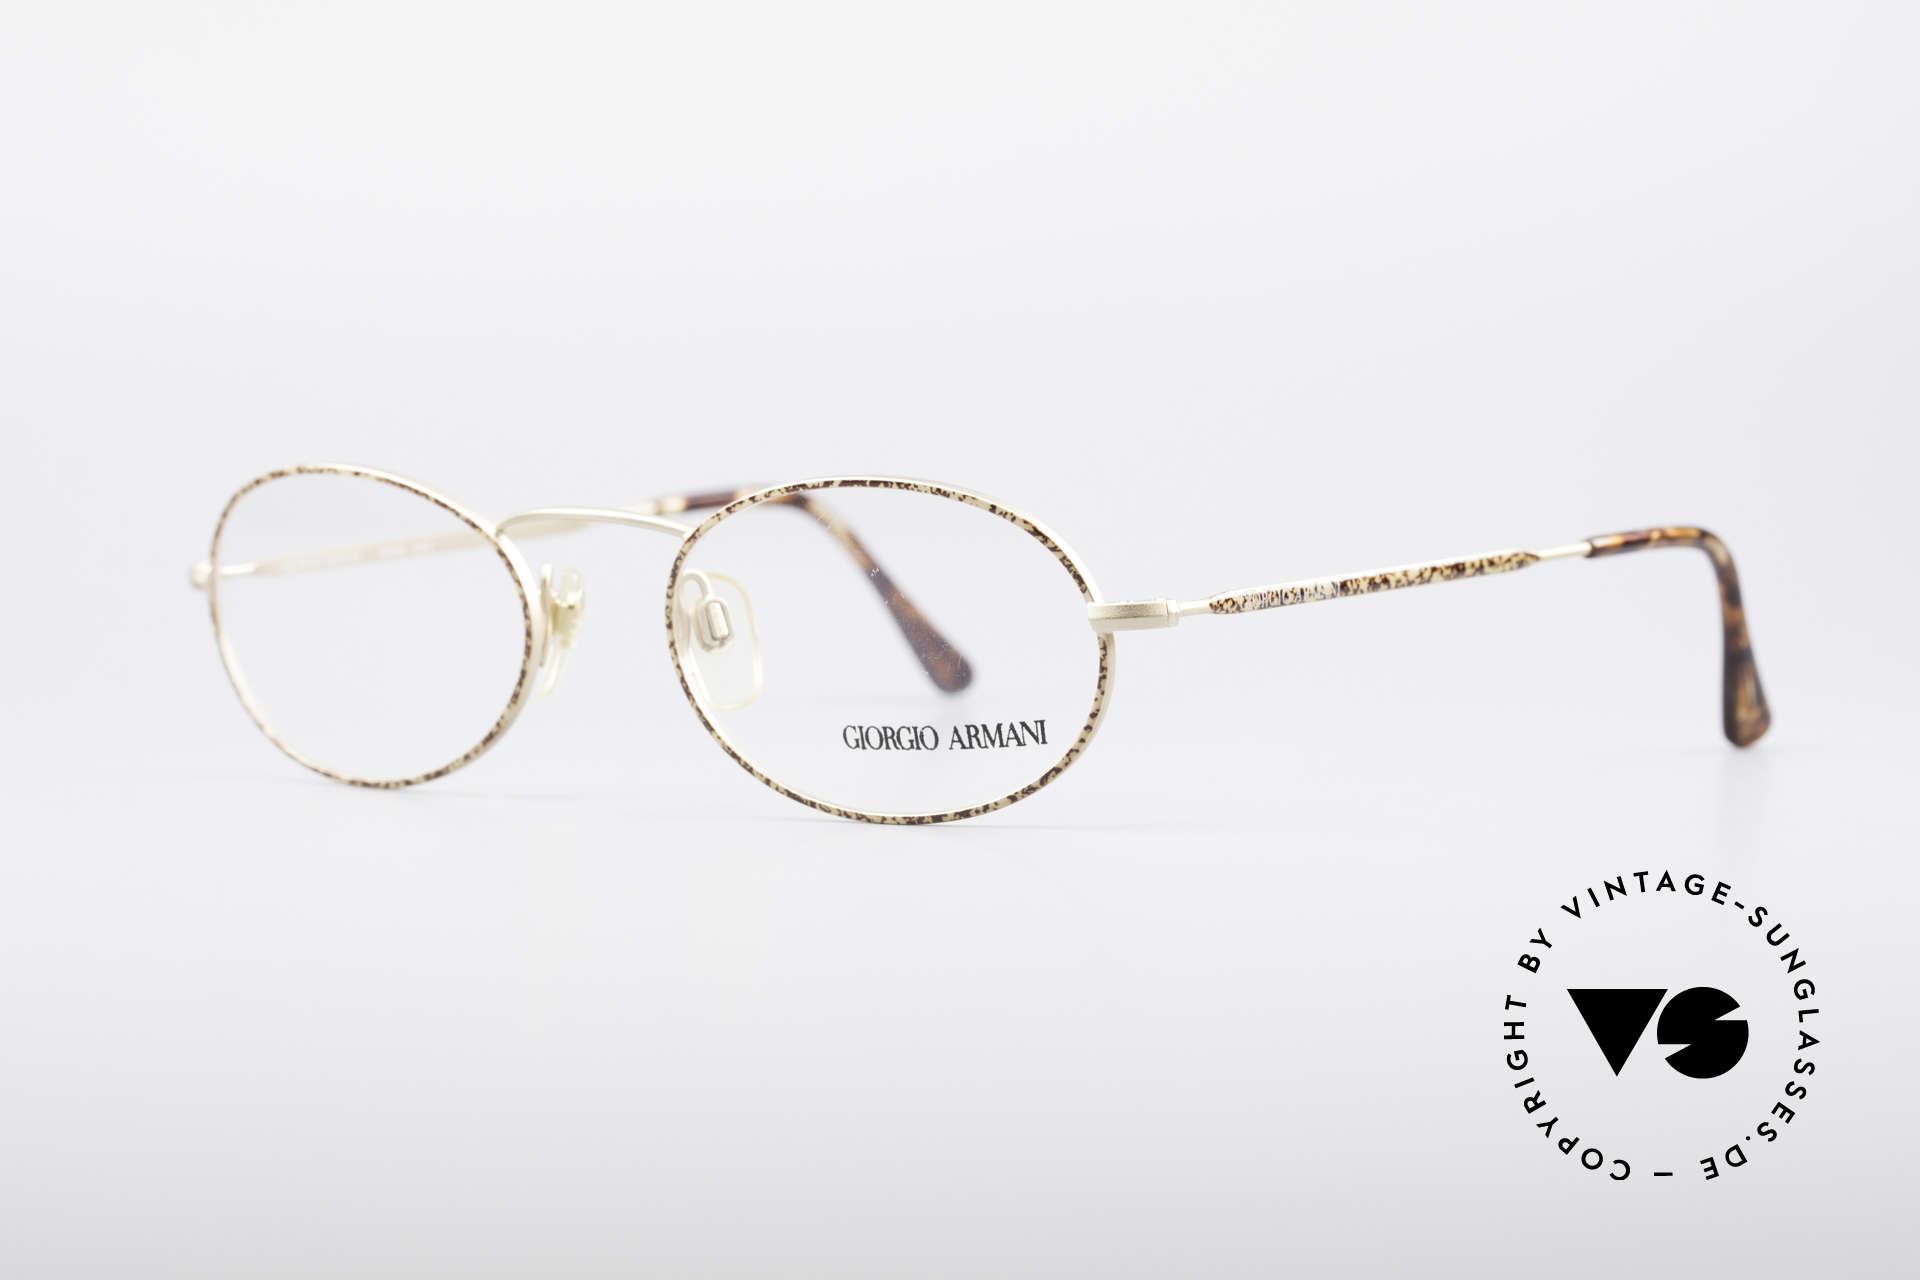 Giorgio Armani 125 Ovale Vintage Fassung, dezenter, zeitloser Stil; passt gut zu fast jedem Look, Passend für Herren und Damen